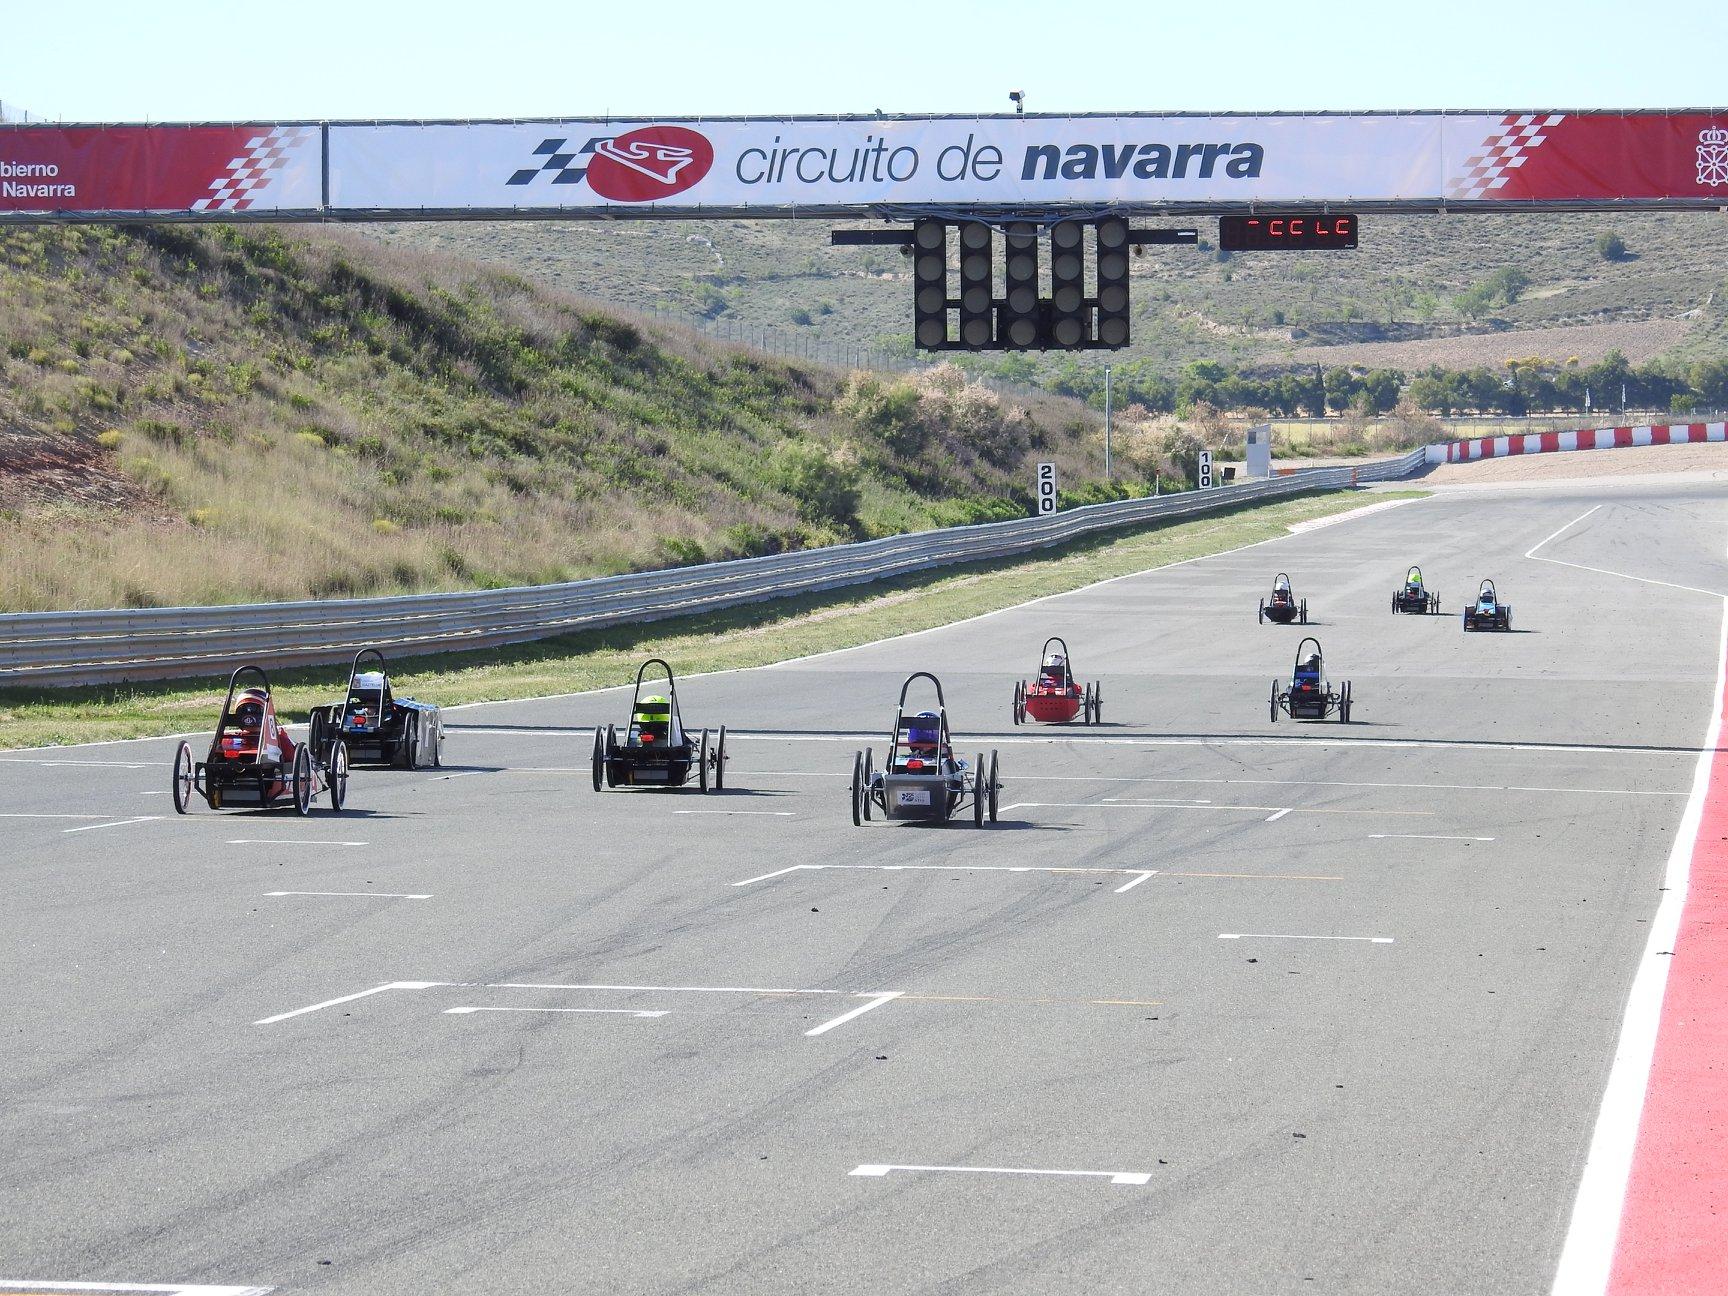 Triunfo en el Circuito de Navarra